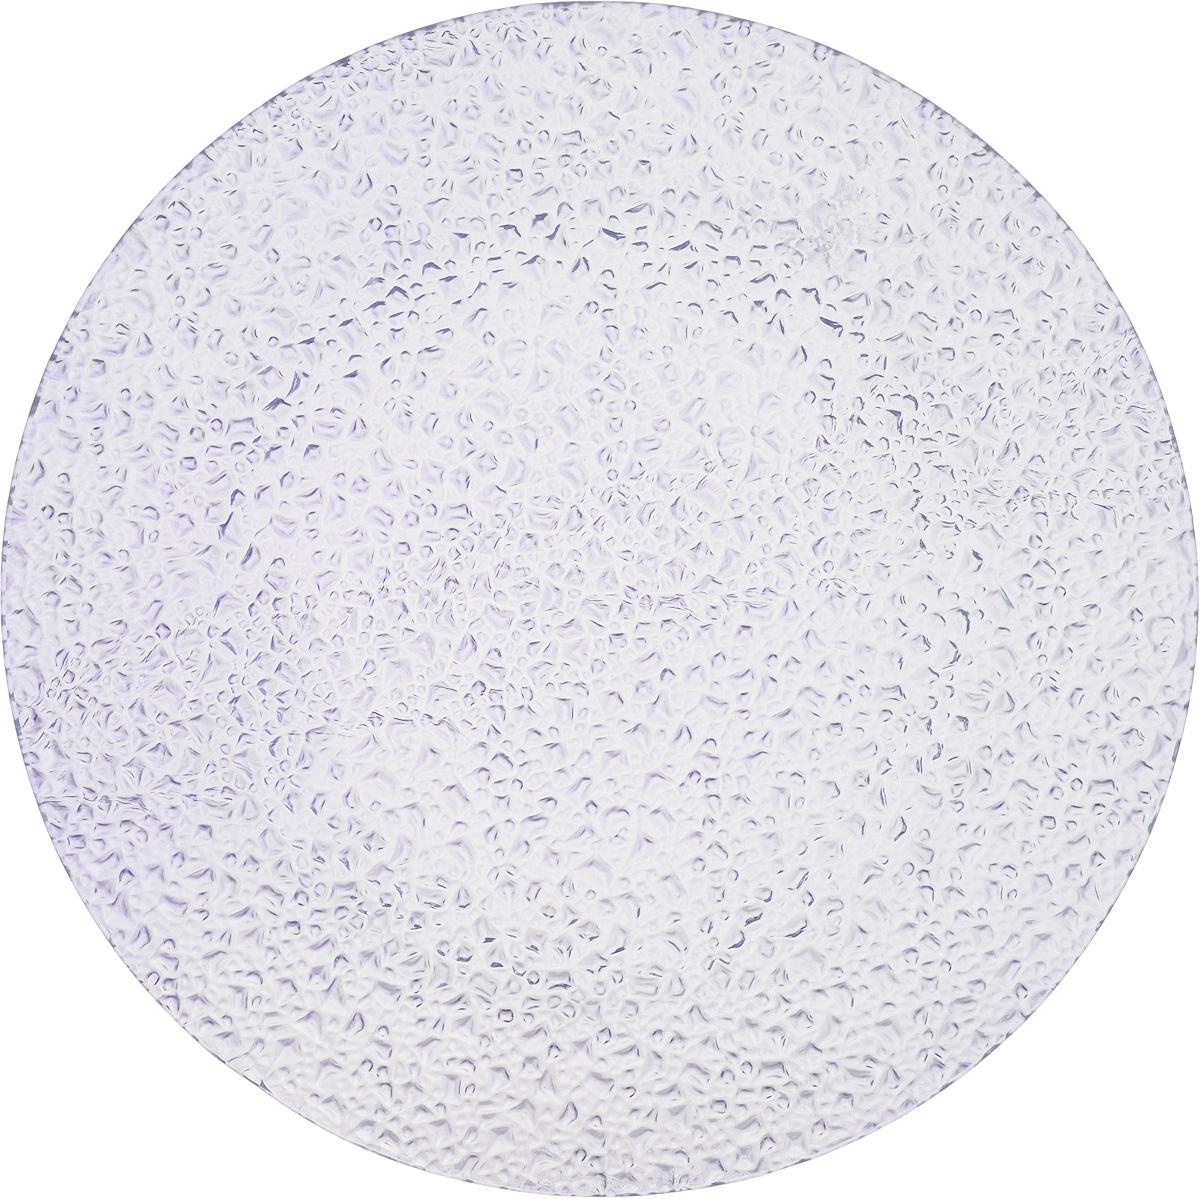 Тарелка Vellarti, цвет: светло-сиреневый, диаметр 22 см10-06 сирТарелка Vellarti выполнена из высококачественного стекла и имеет рельефную внешнюю поверхность. Она прекрасно впишется в интерьер вашей кухни и станет достойным дополнением к кухонному инвентарю. Тарелка Vellarti подчеркнет прекрасный вкус хозяйки и станет отличным подарком.Диаметр тарелки: 22 см.Высота: 1 см.